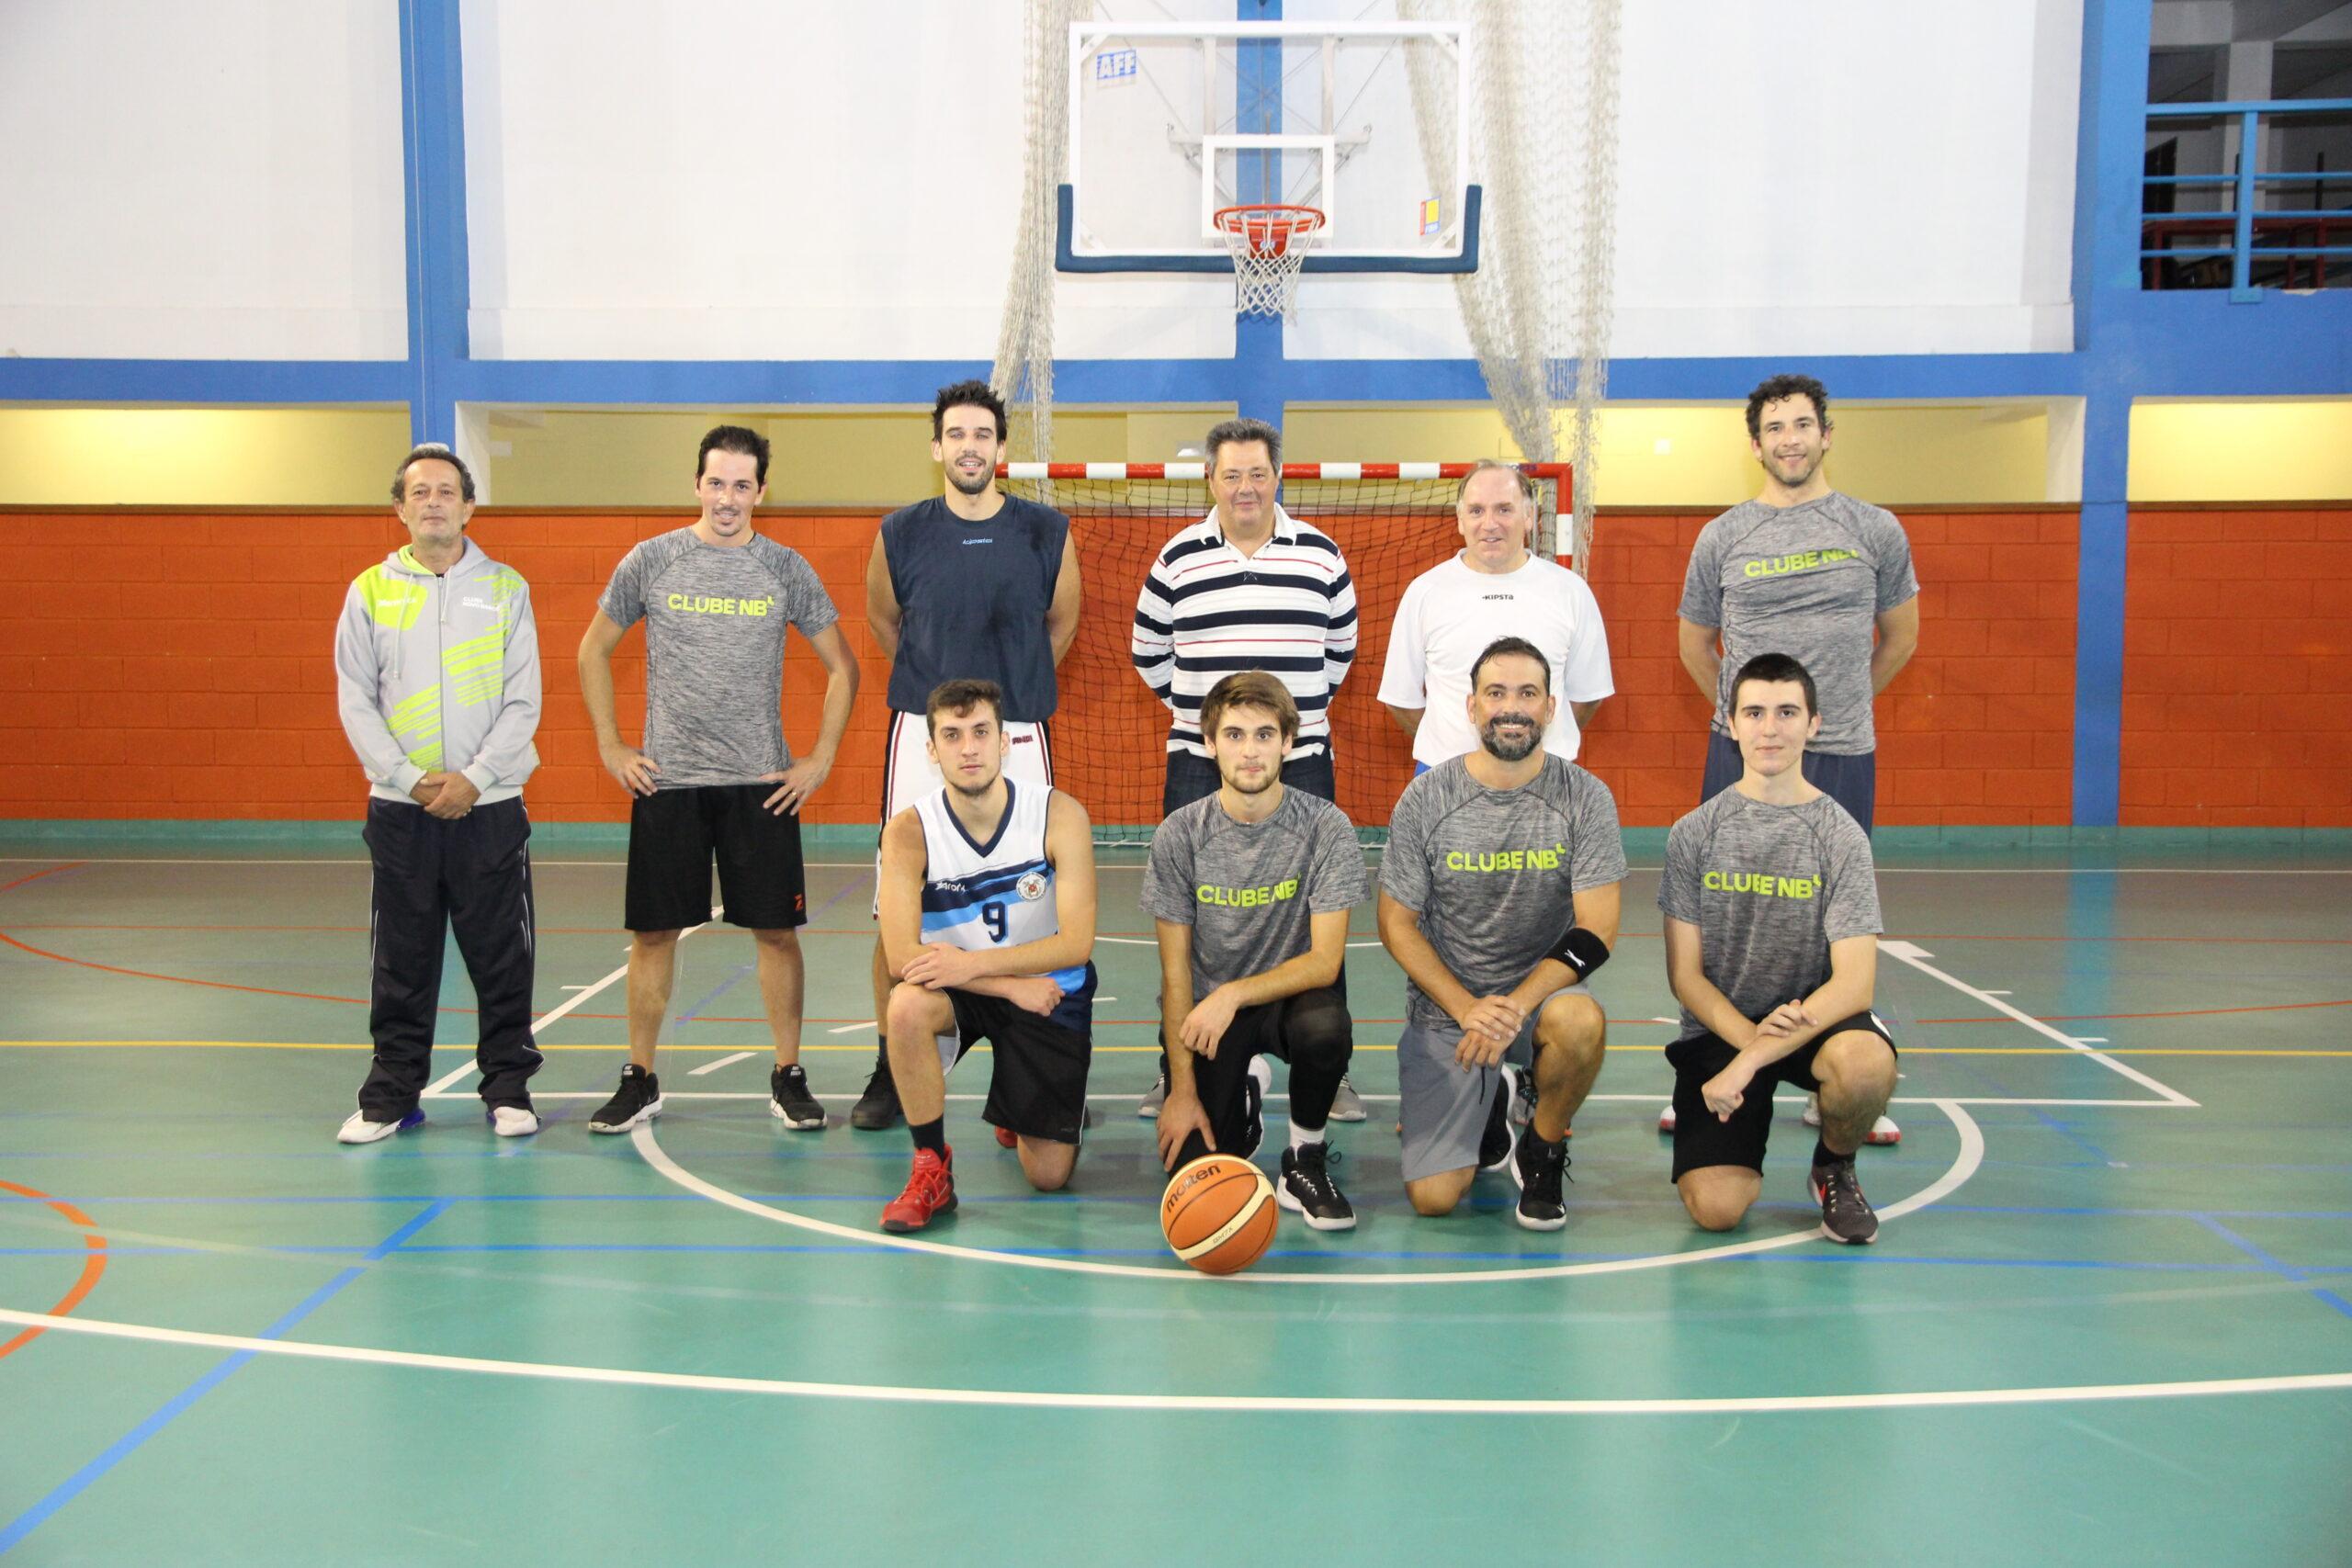 Basquetebol do Clube Novo Banco deu início à pré-temporada.